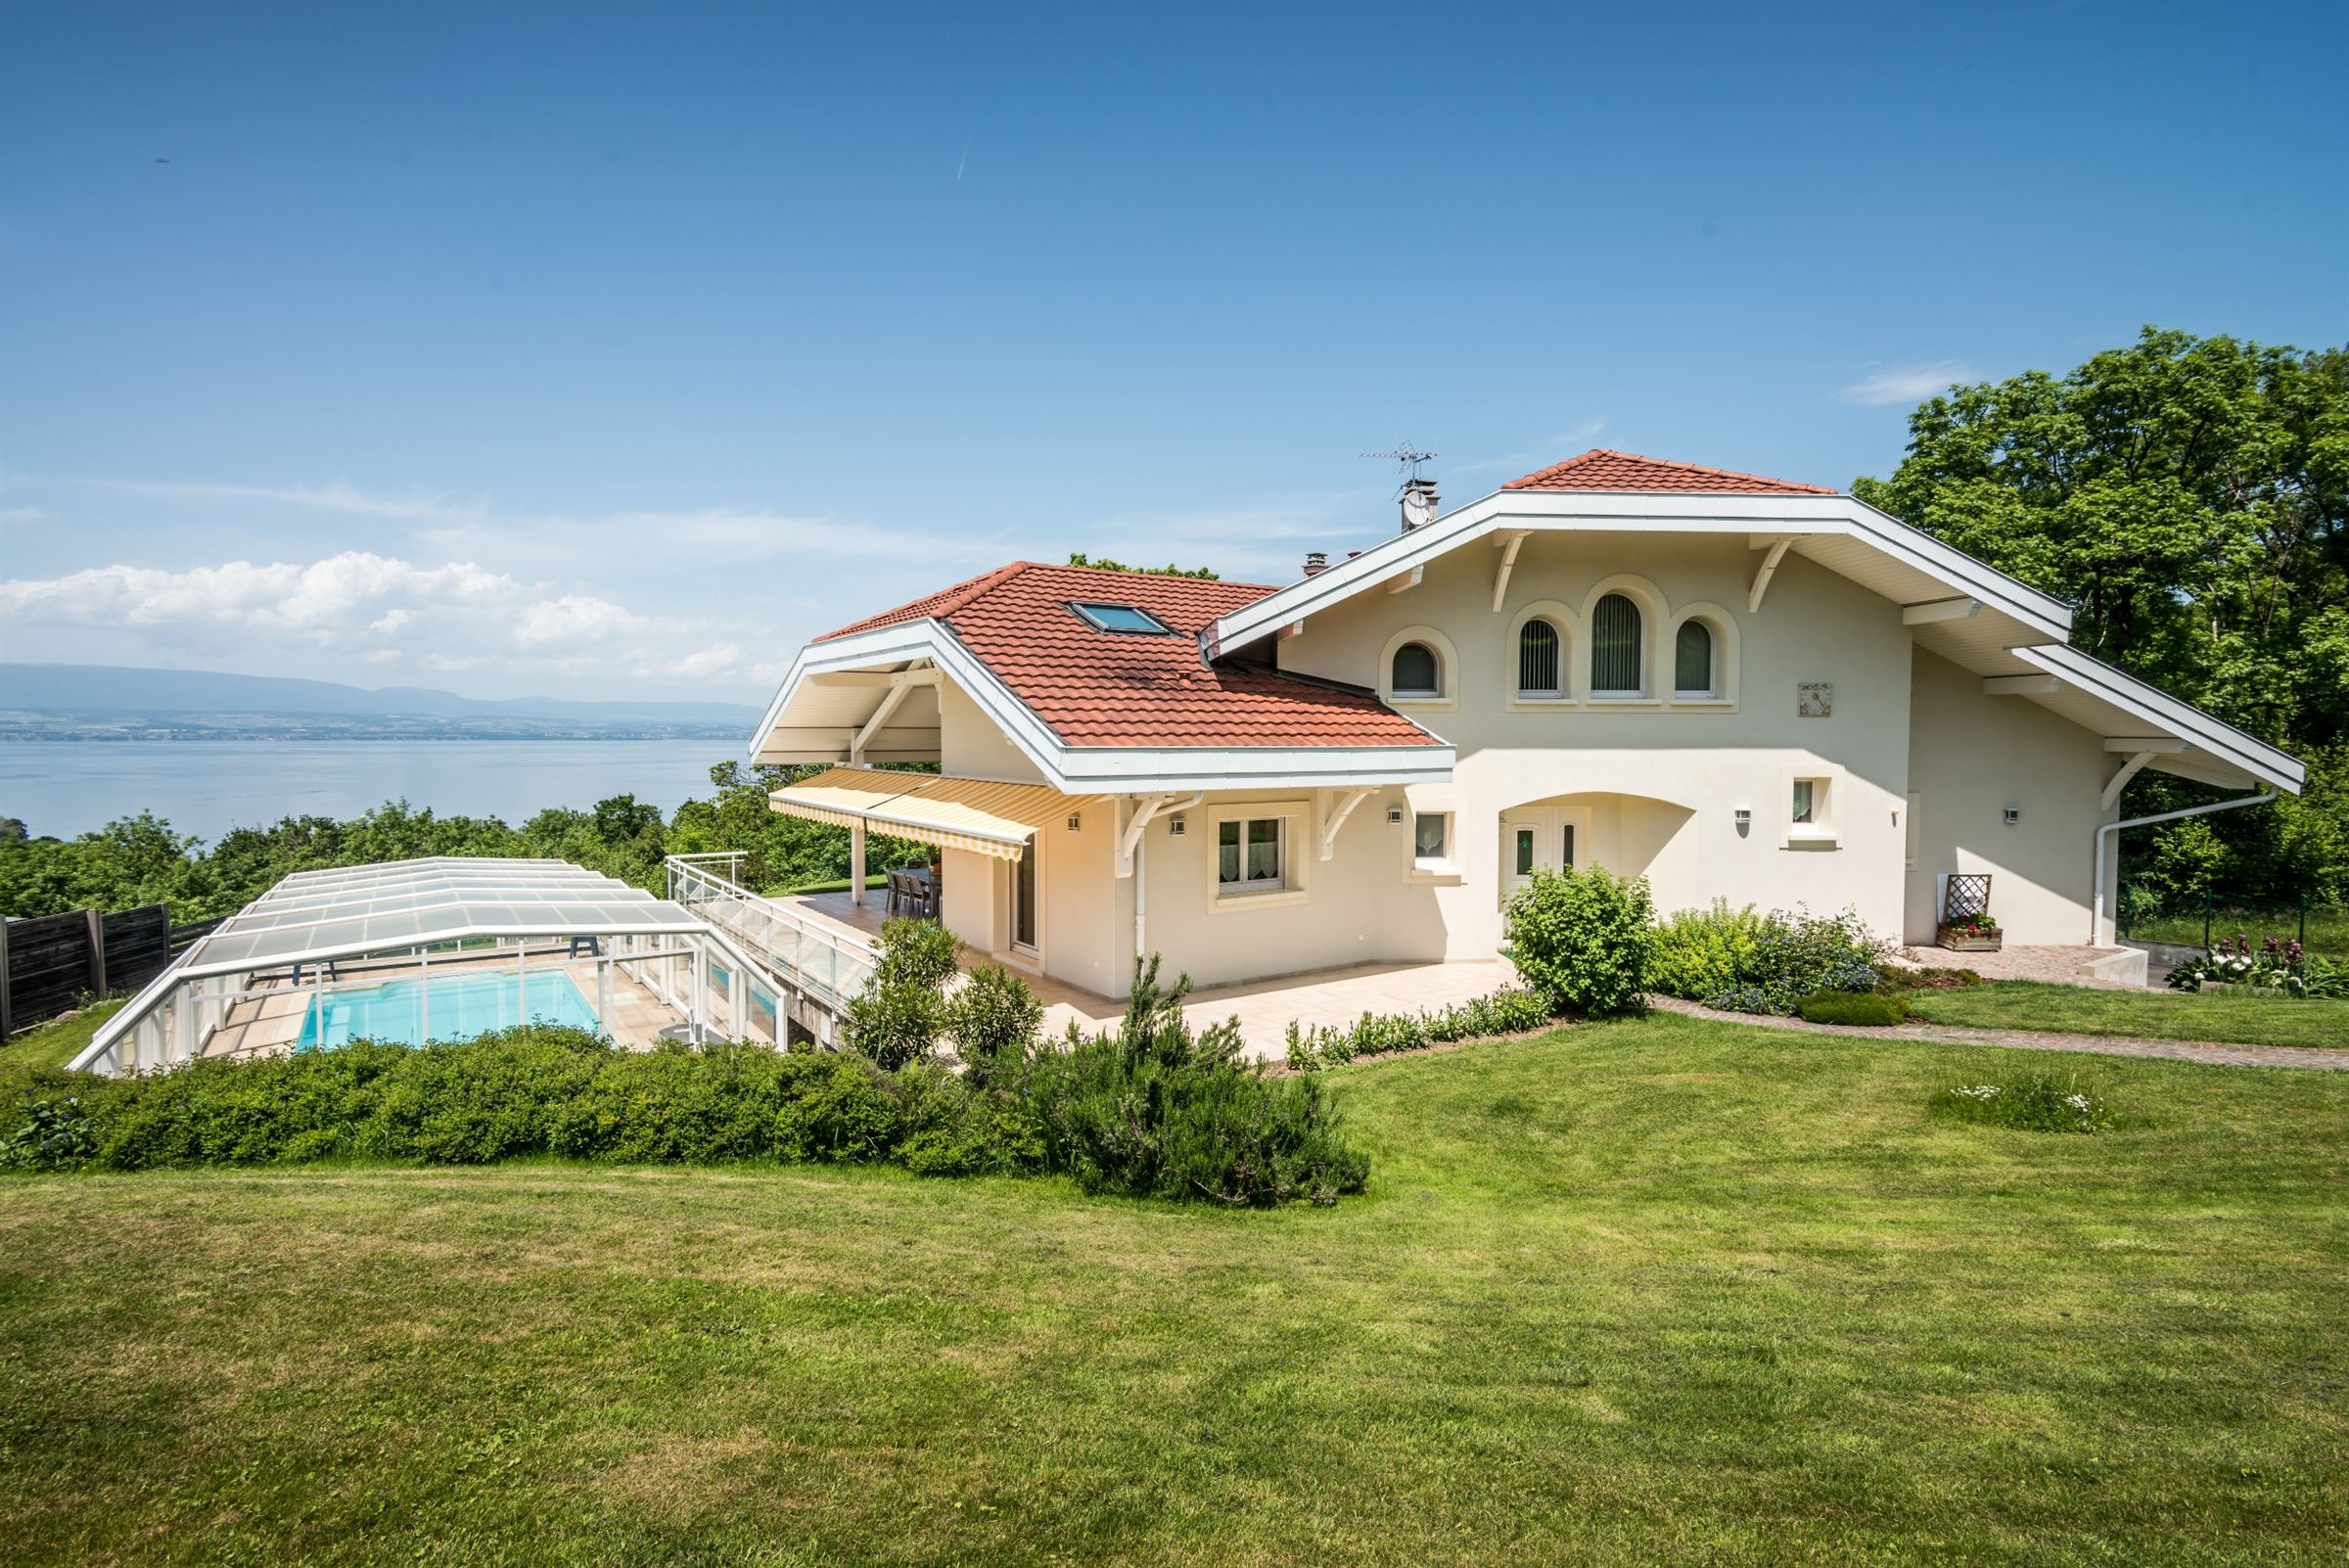 獨棟家庭住宅 為 出售 在 PUBLIER : NICE VILLA LAKE VIEW Publier, 羅納阿爾卑斯, 74500 法國